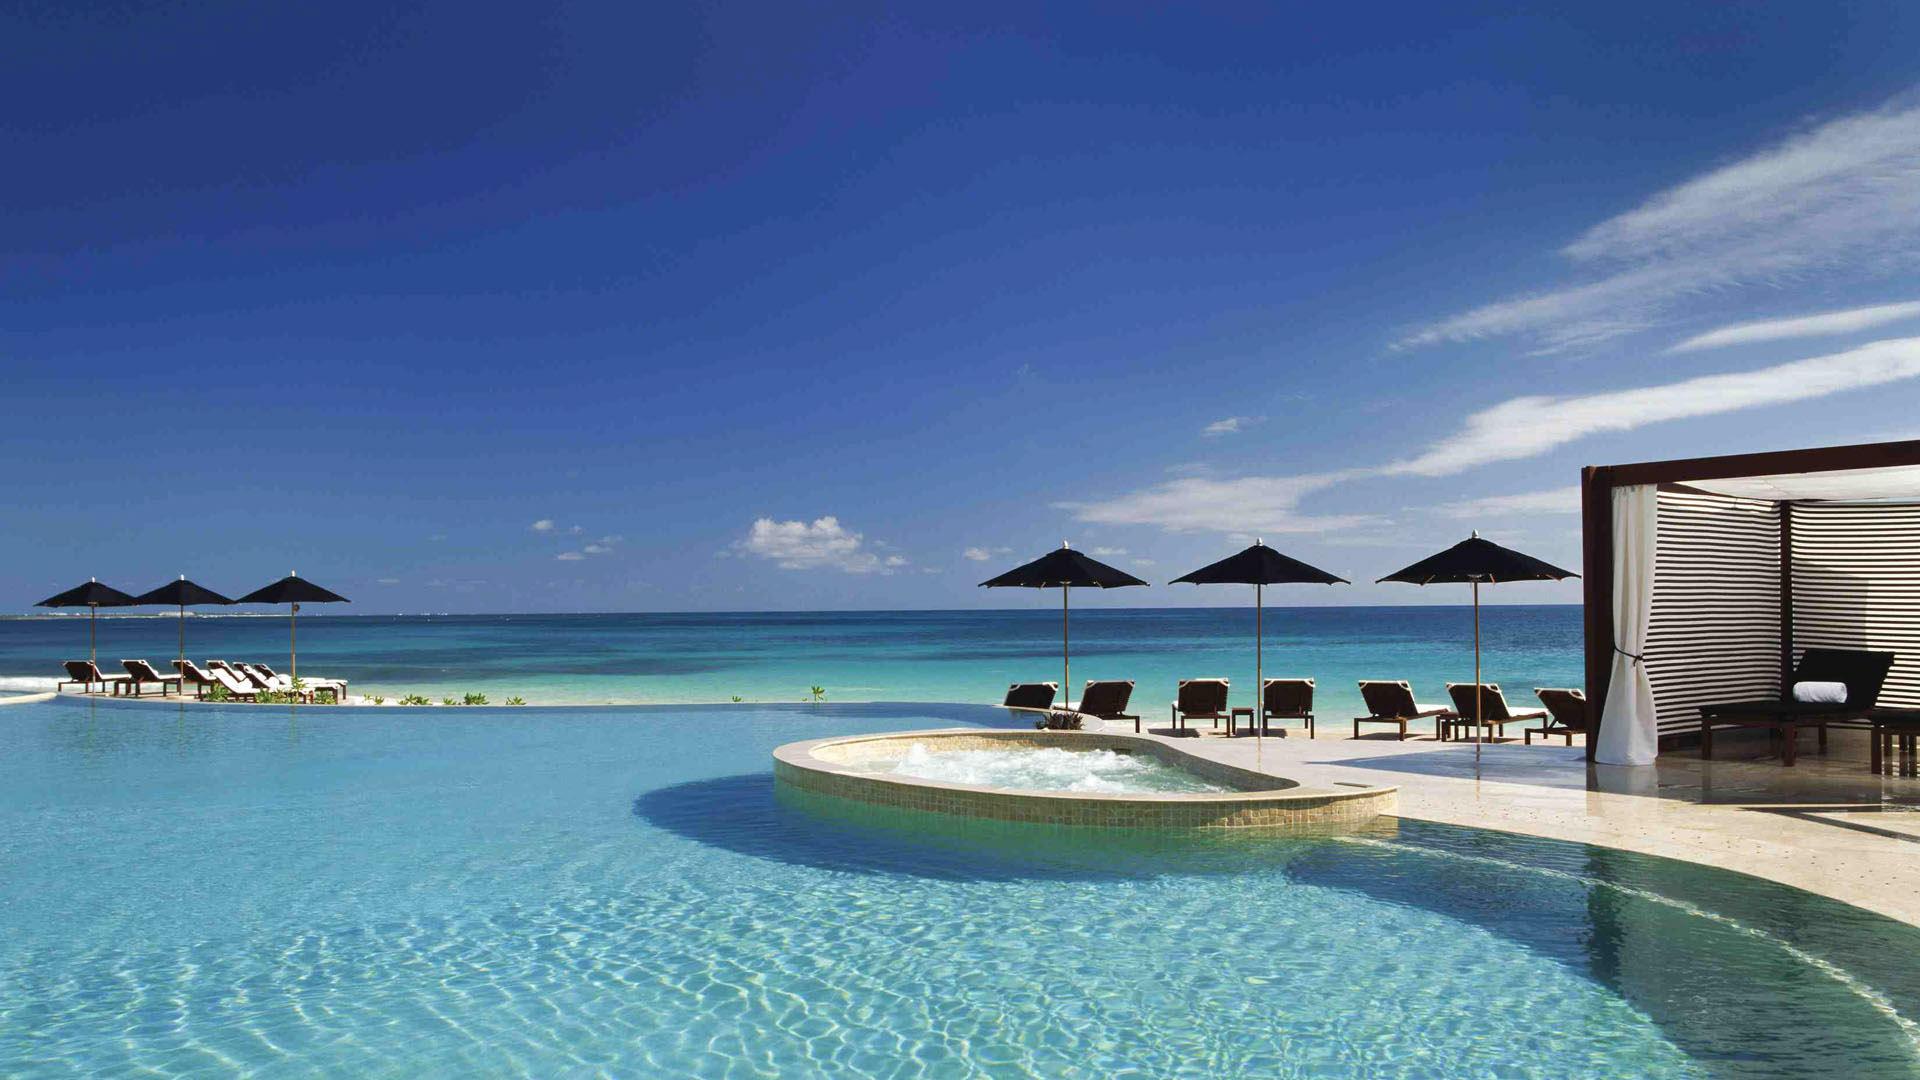 hoteis playa del carmen Rosewood Mayakoba, infinity edge pool